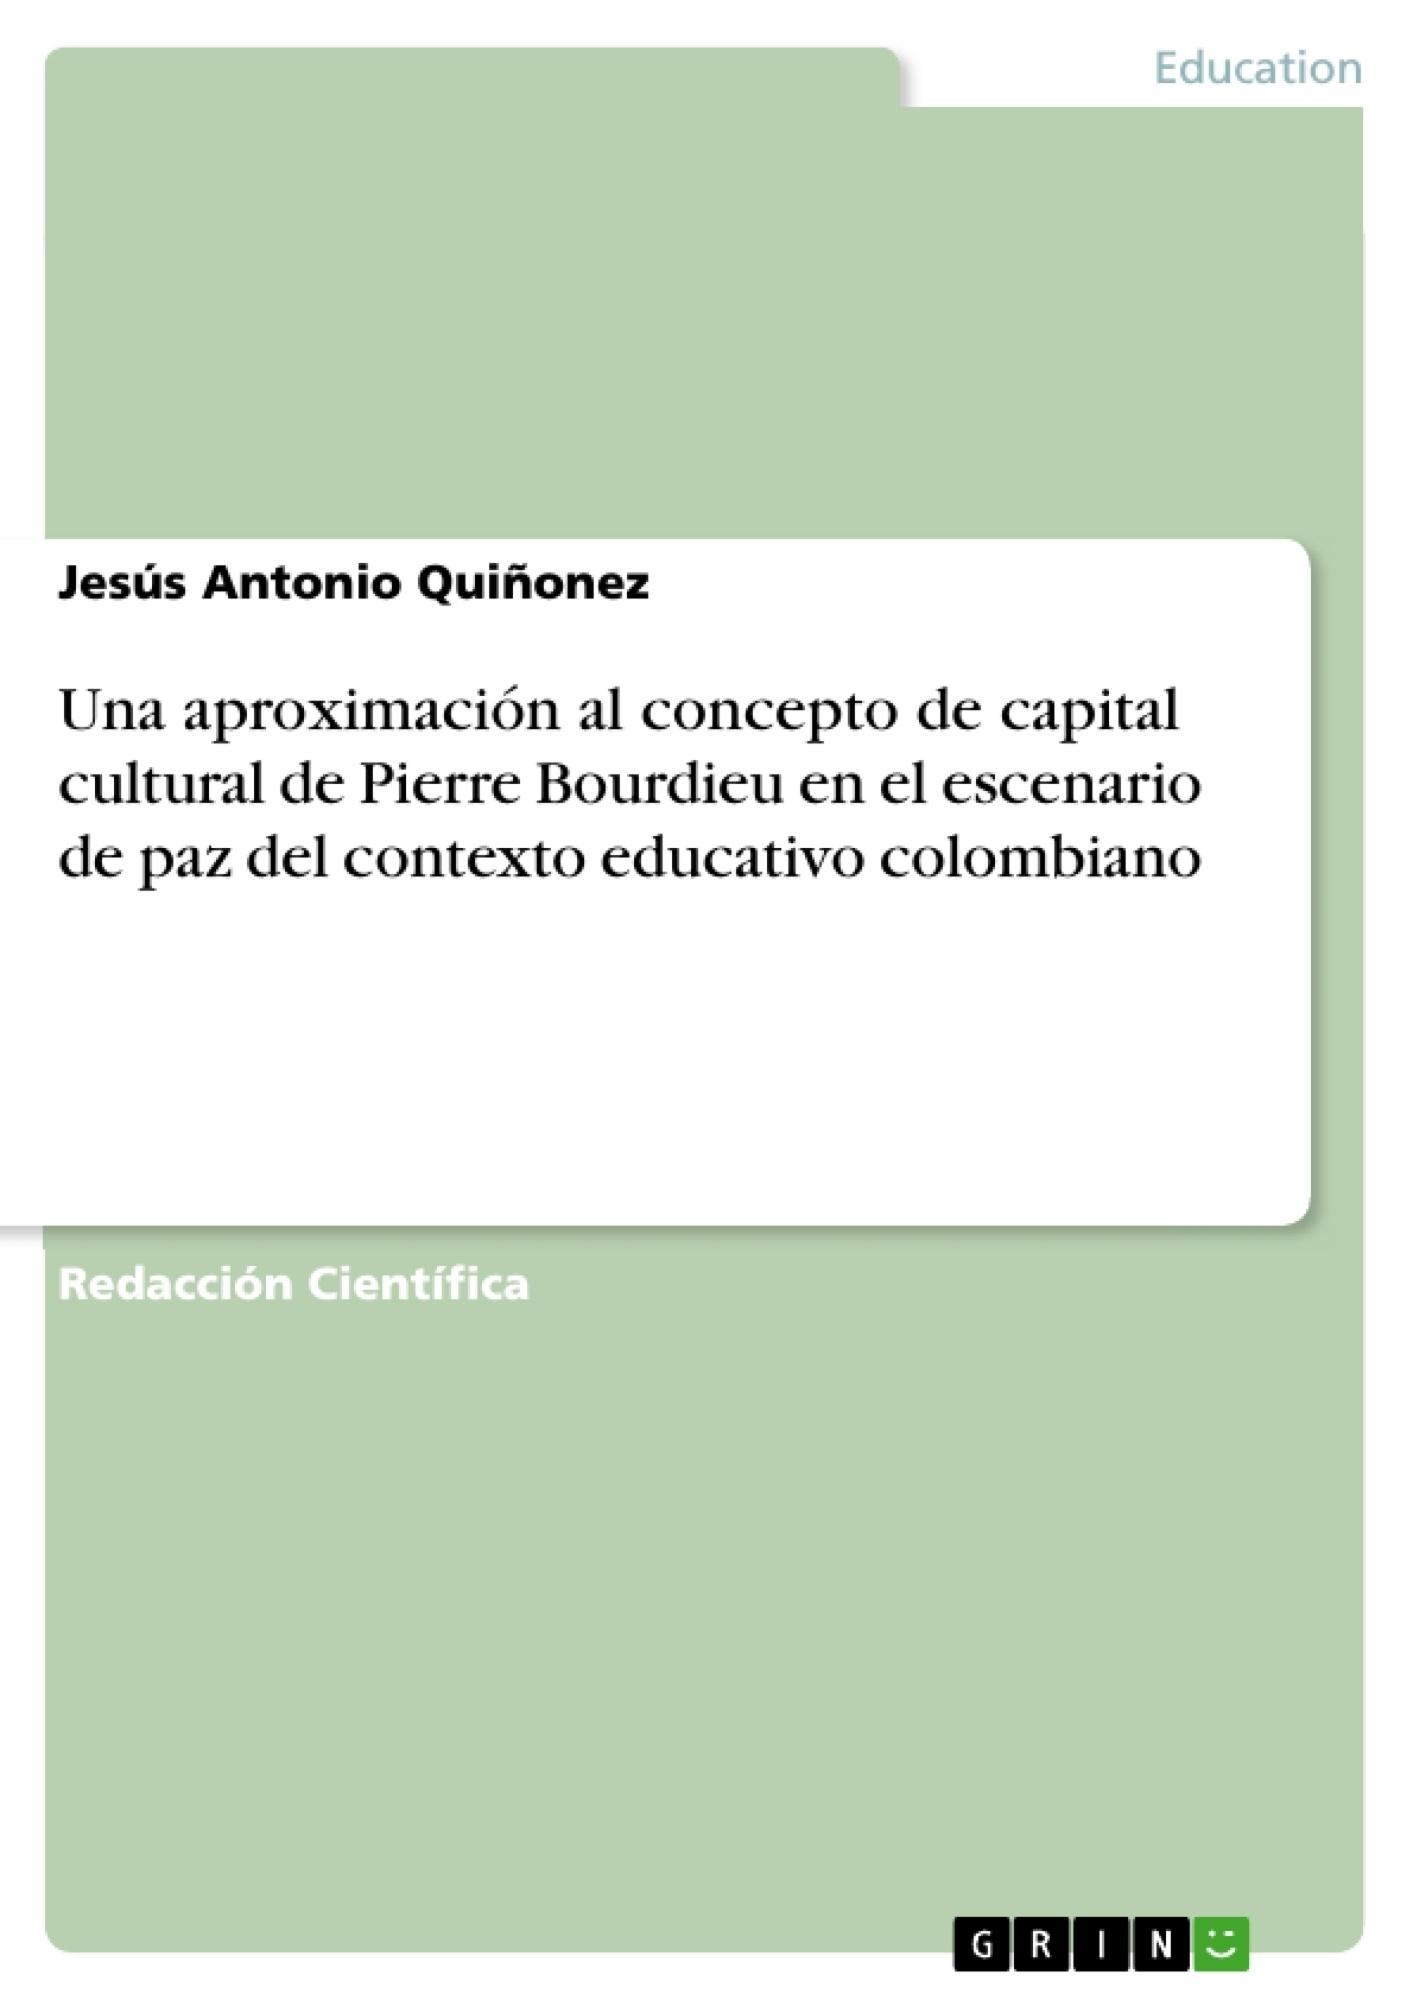 Título: Una aproximación al concepto de capital cultural de Pierre Bourdieu en el escenario de paz del contexto educativo colombiano